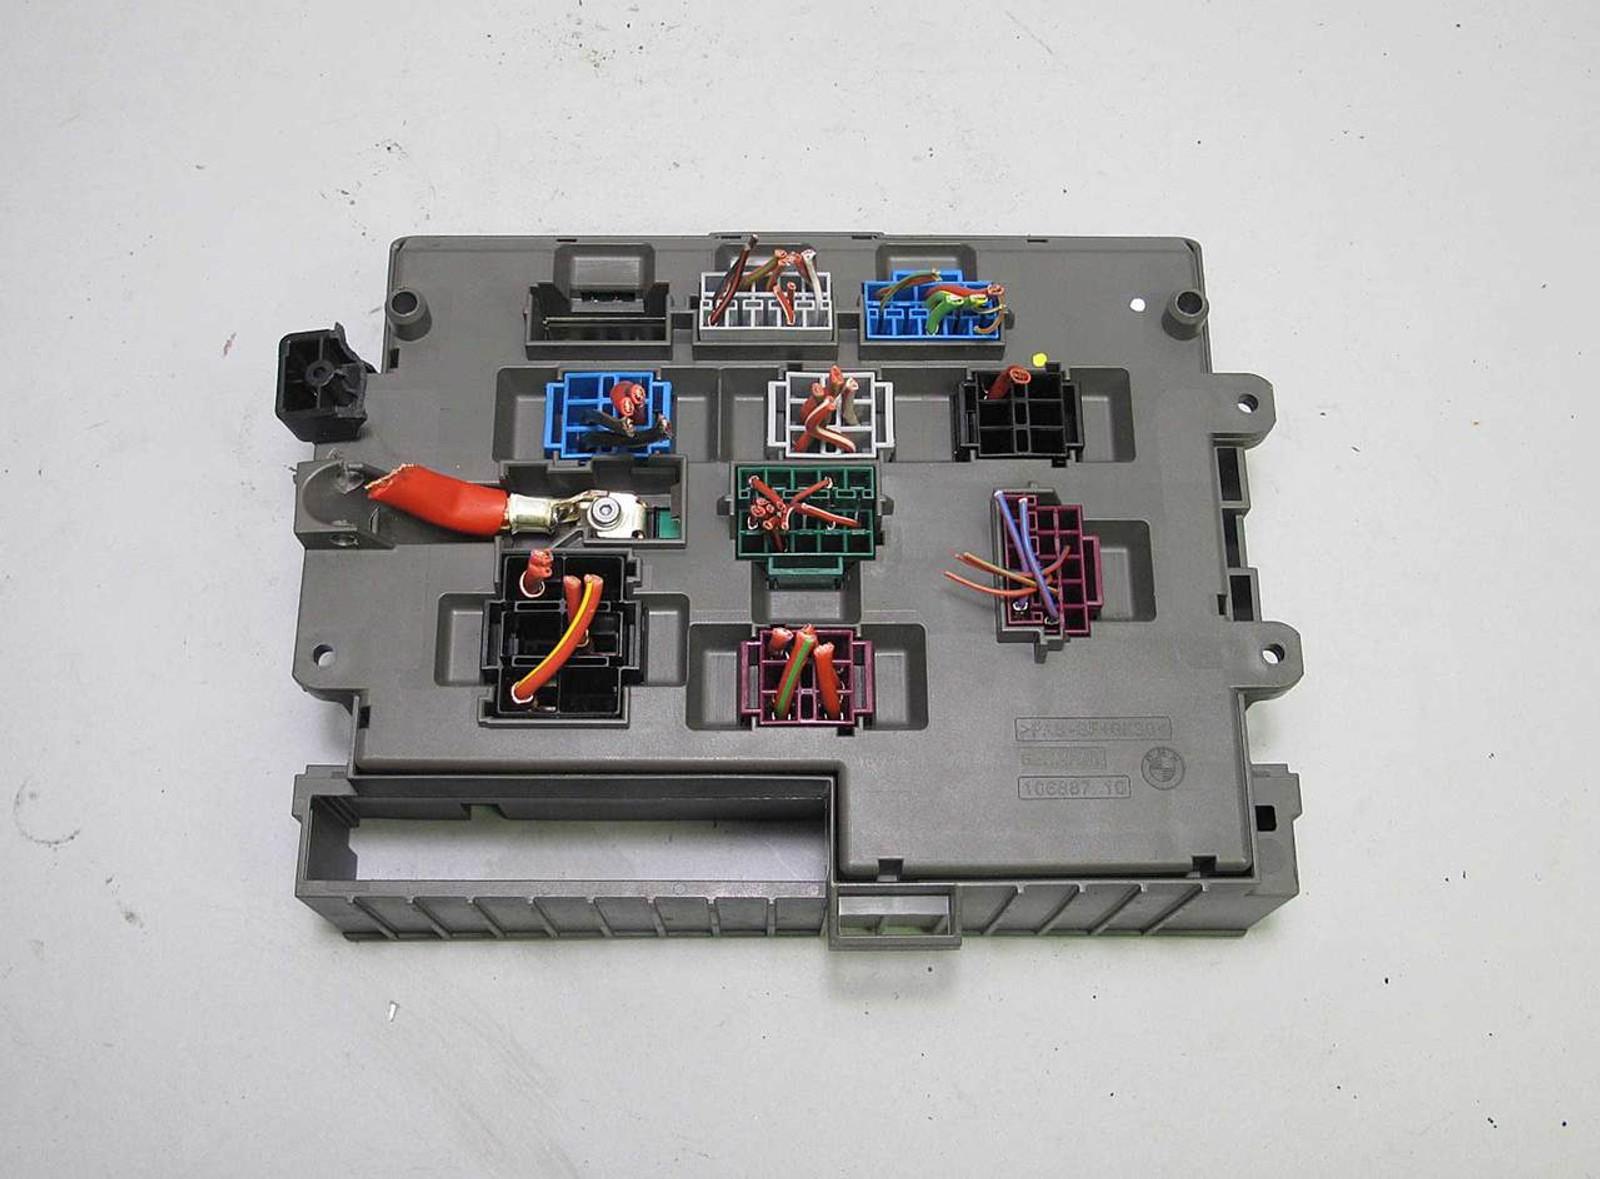 bmw e90 fuse box removal wiring diagrams  bmw e90 fuse box removal #14